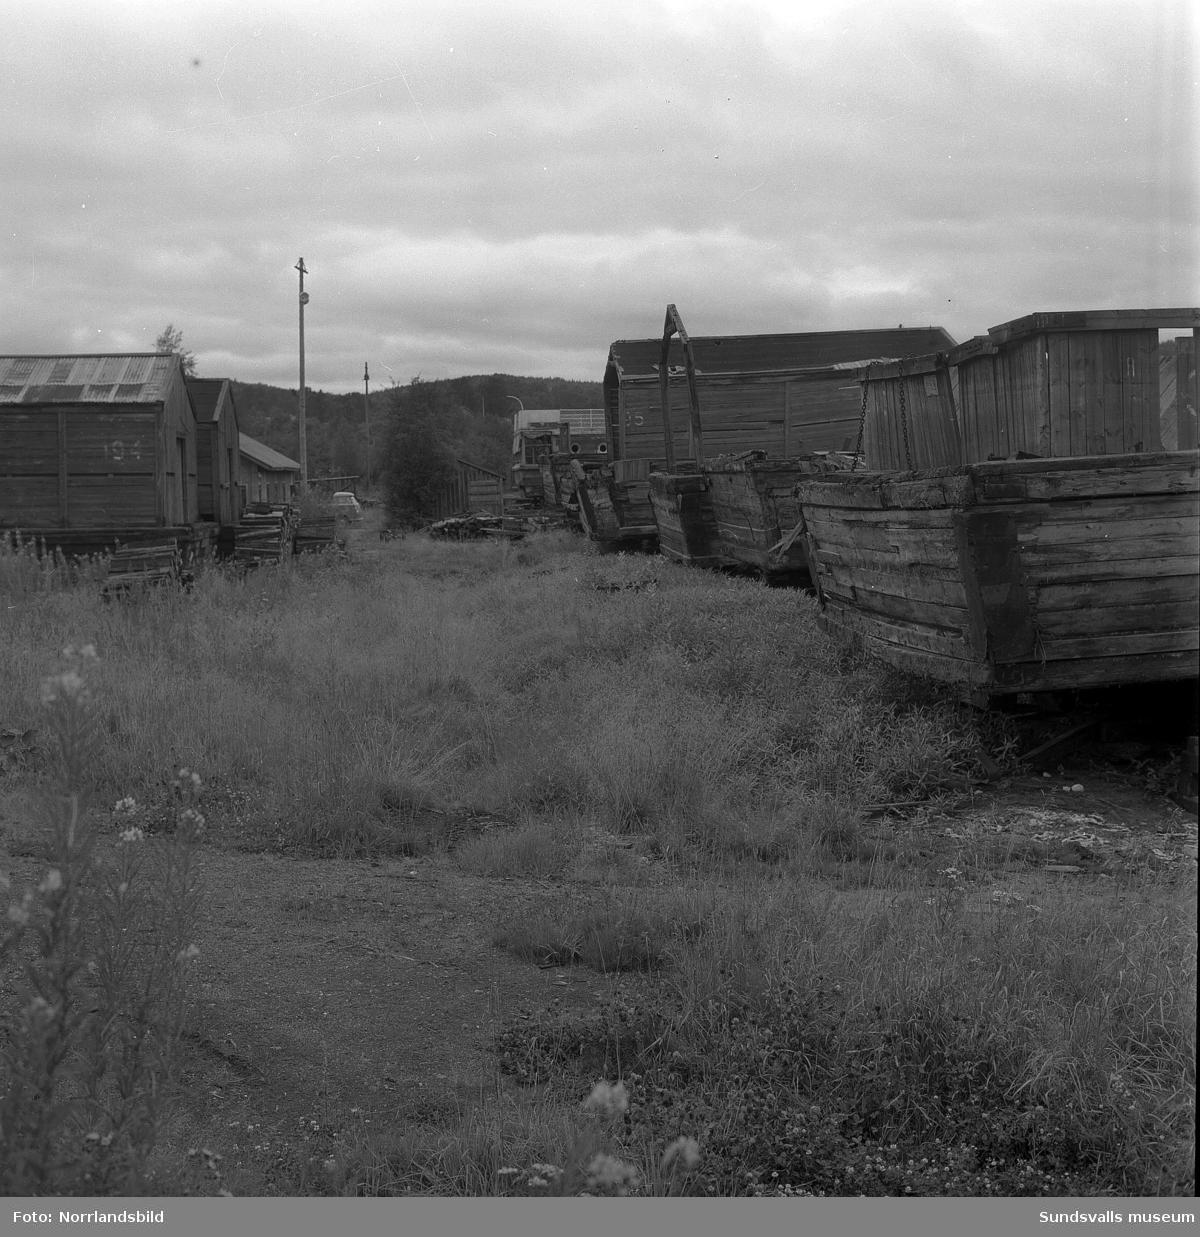 Gamla pråmar som tidigare gjort tjänst vid Skönviks sågverk. Vissa förfaller på land och andra är på väg att sjunka till botten i viken.